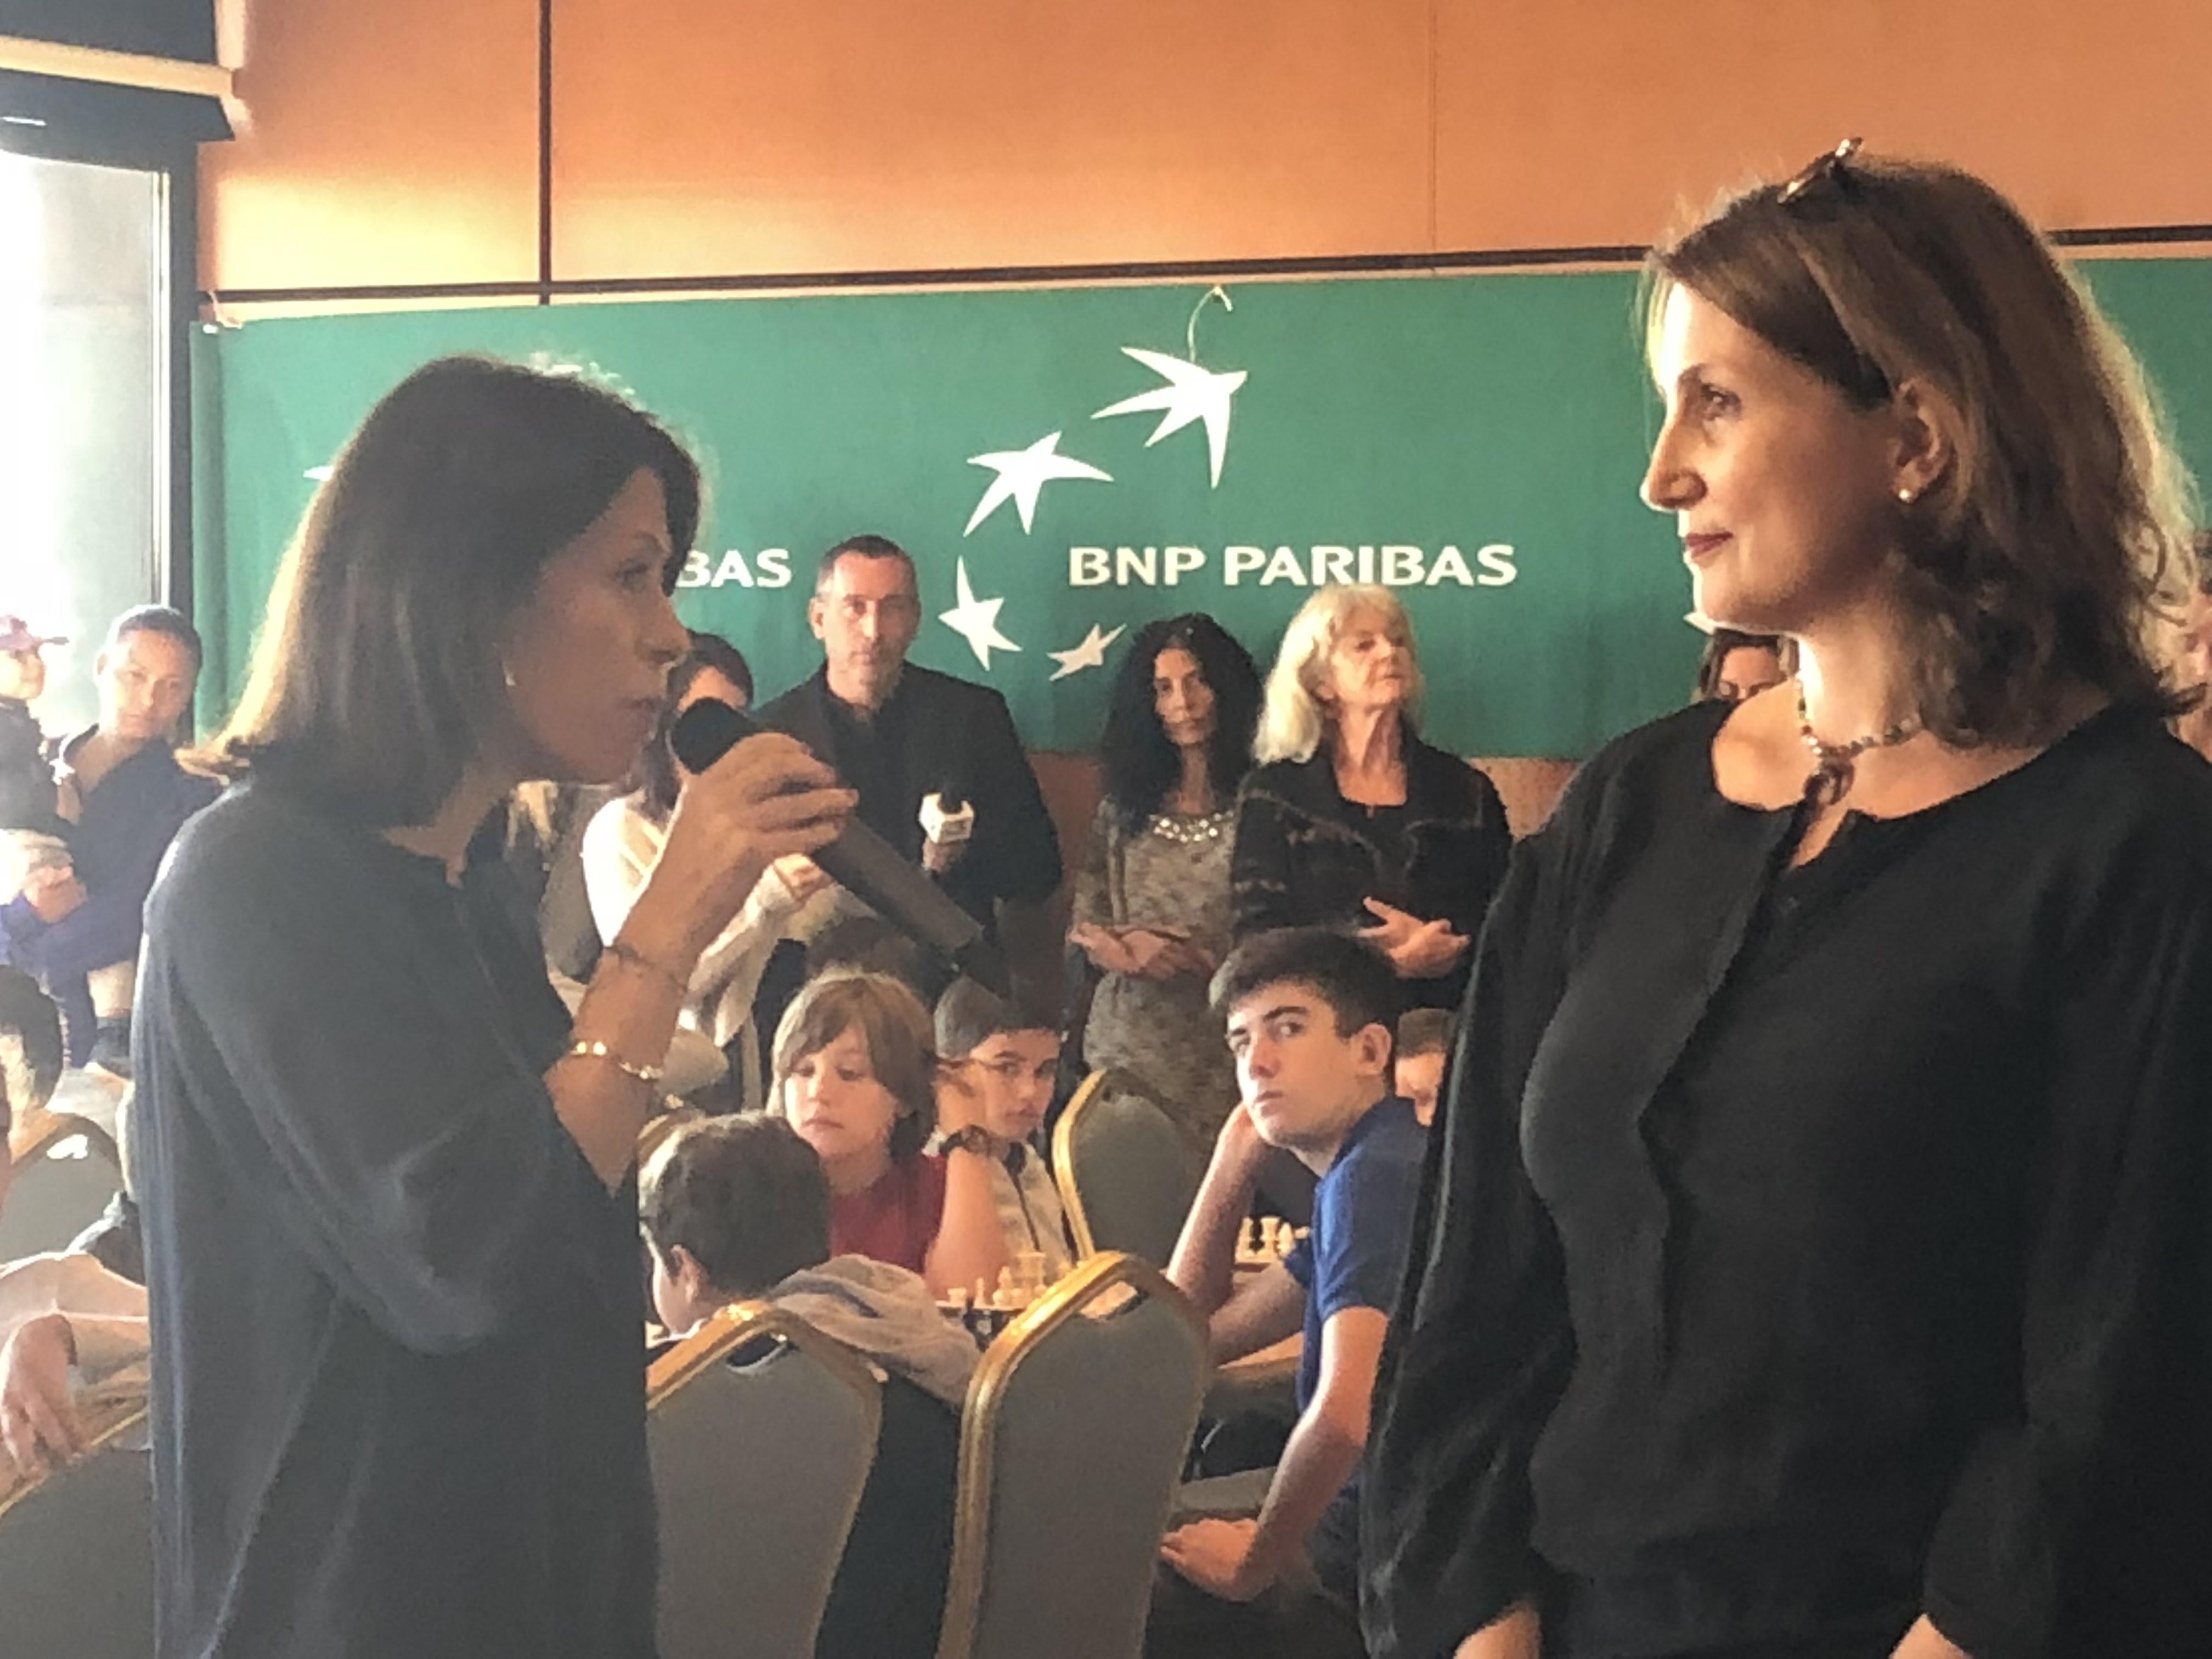 La rectrice, Mme Julie Benetti, lors du coup d'envoi du Trophée des jeunes Ajaccien